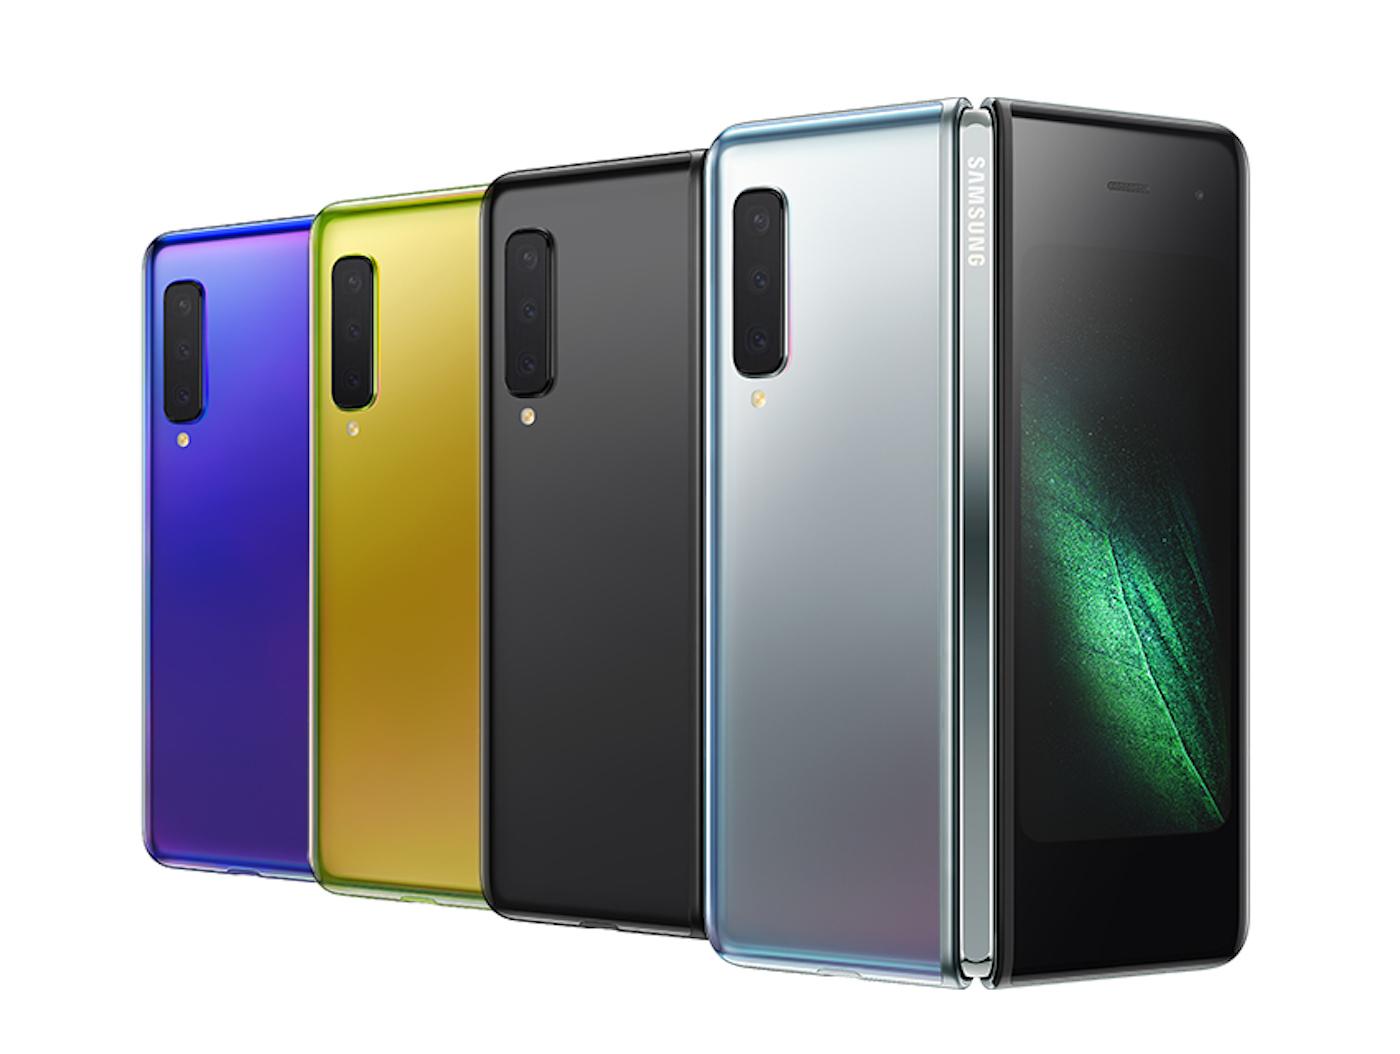 Das gefaltete Smartphone von Samsung: Das Galaxy Fold 6